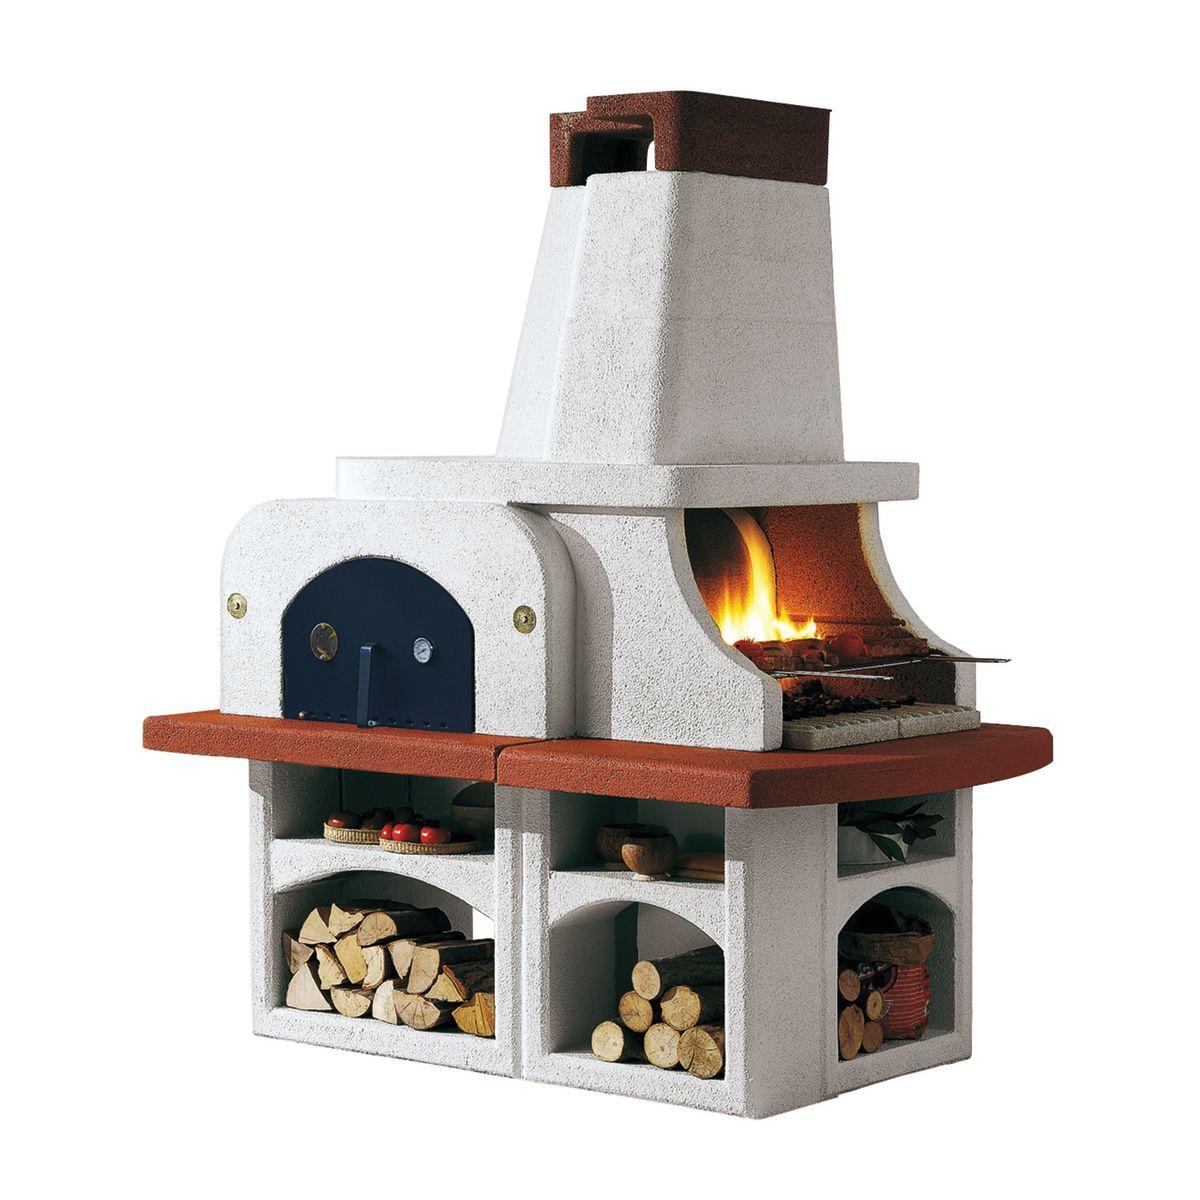 idee per costruire barbecue e forno pizze in giardino. Black Bedroom Furniture Sets. Home Design Ideas